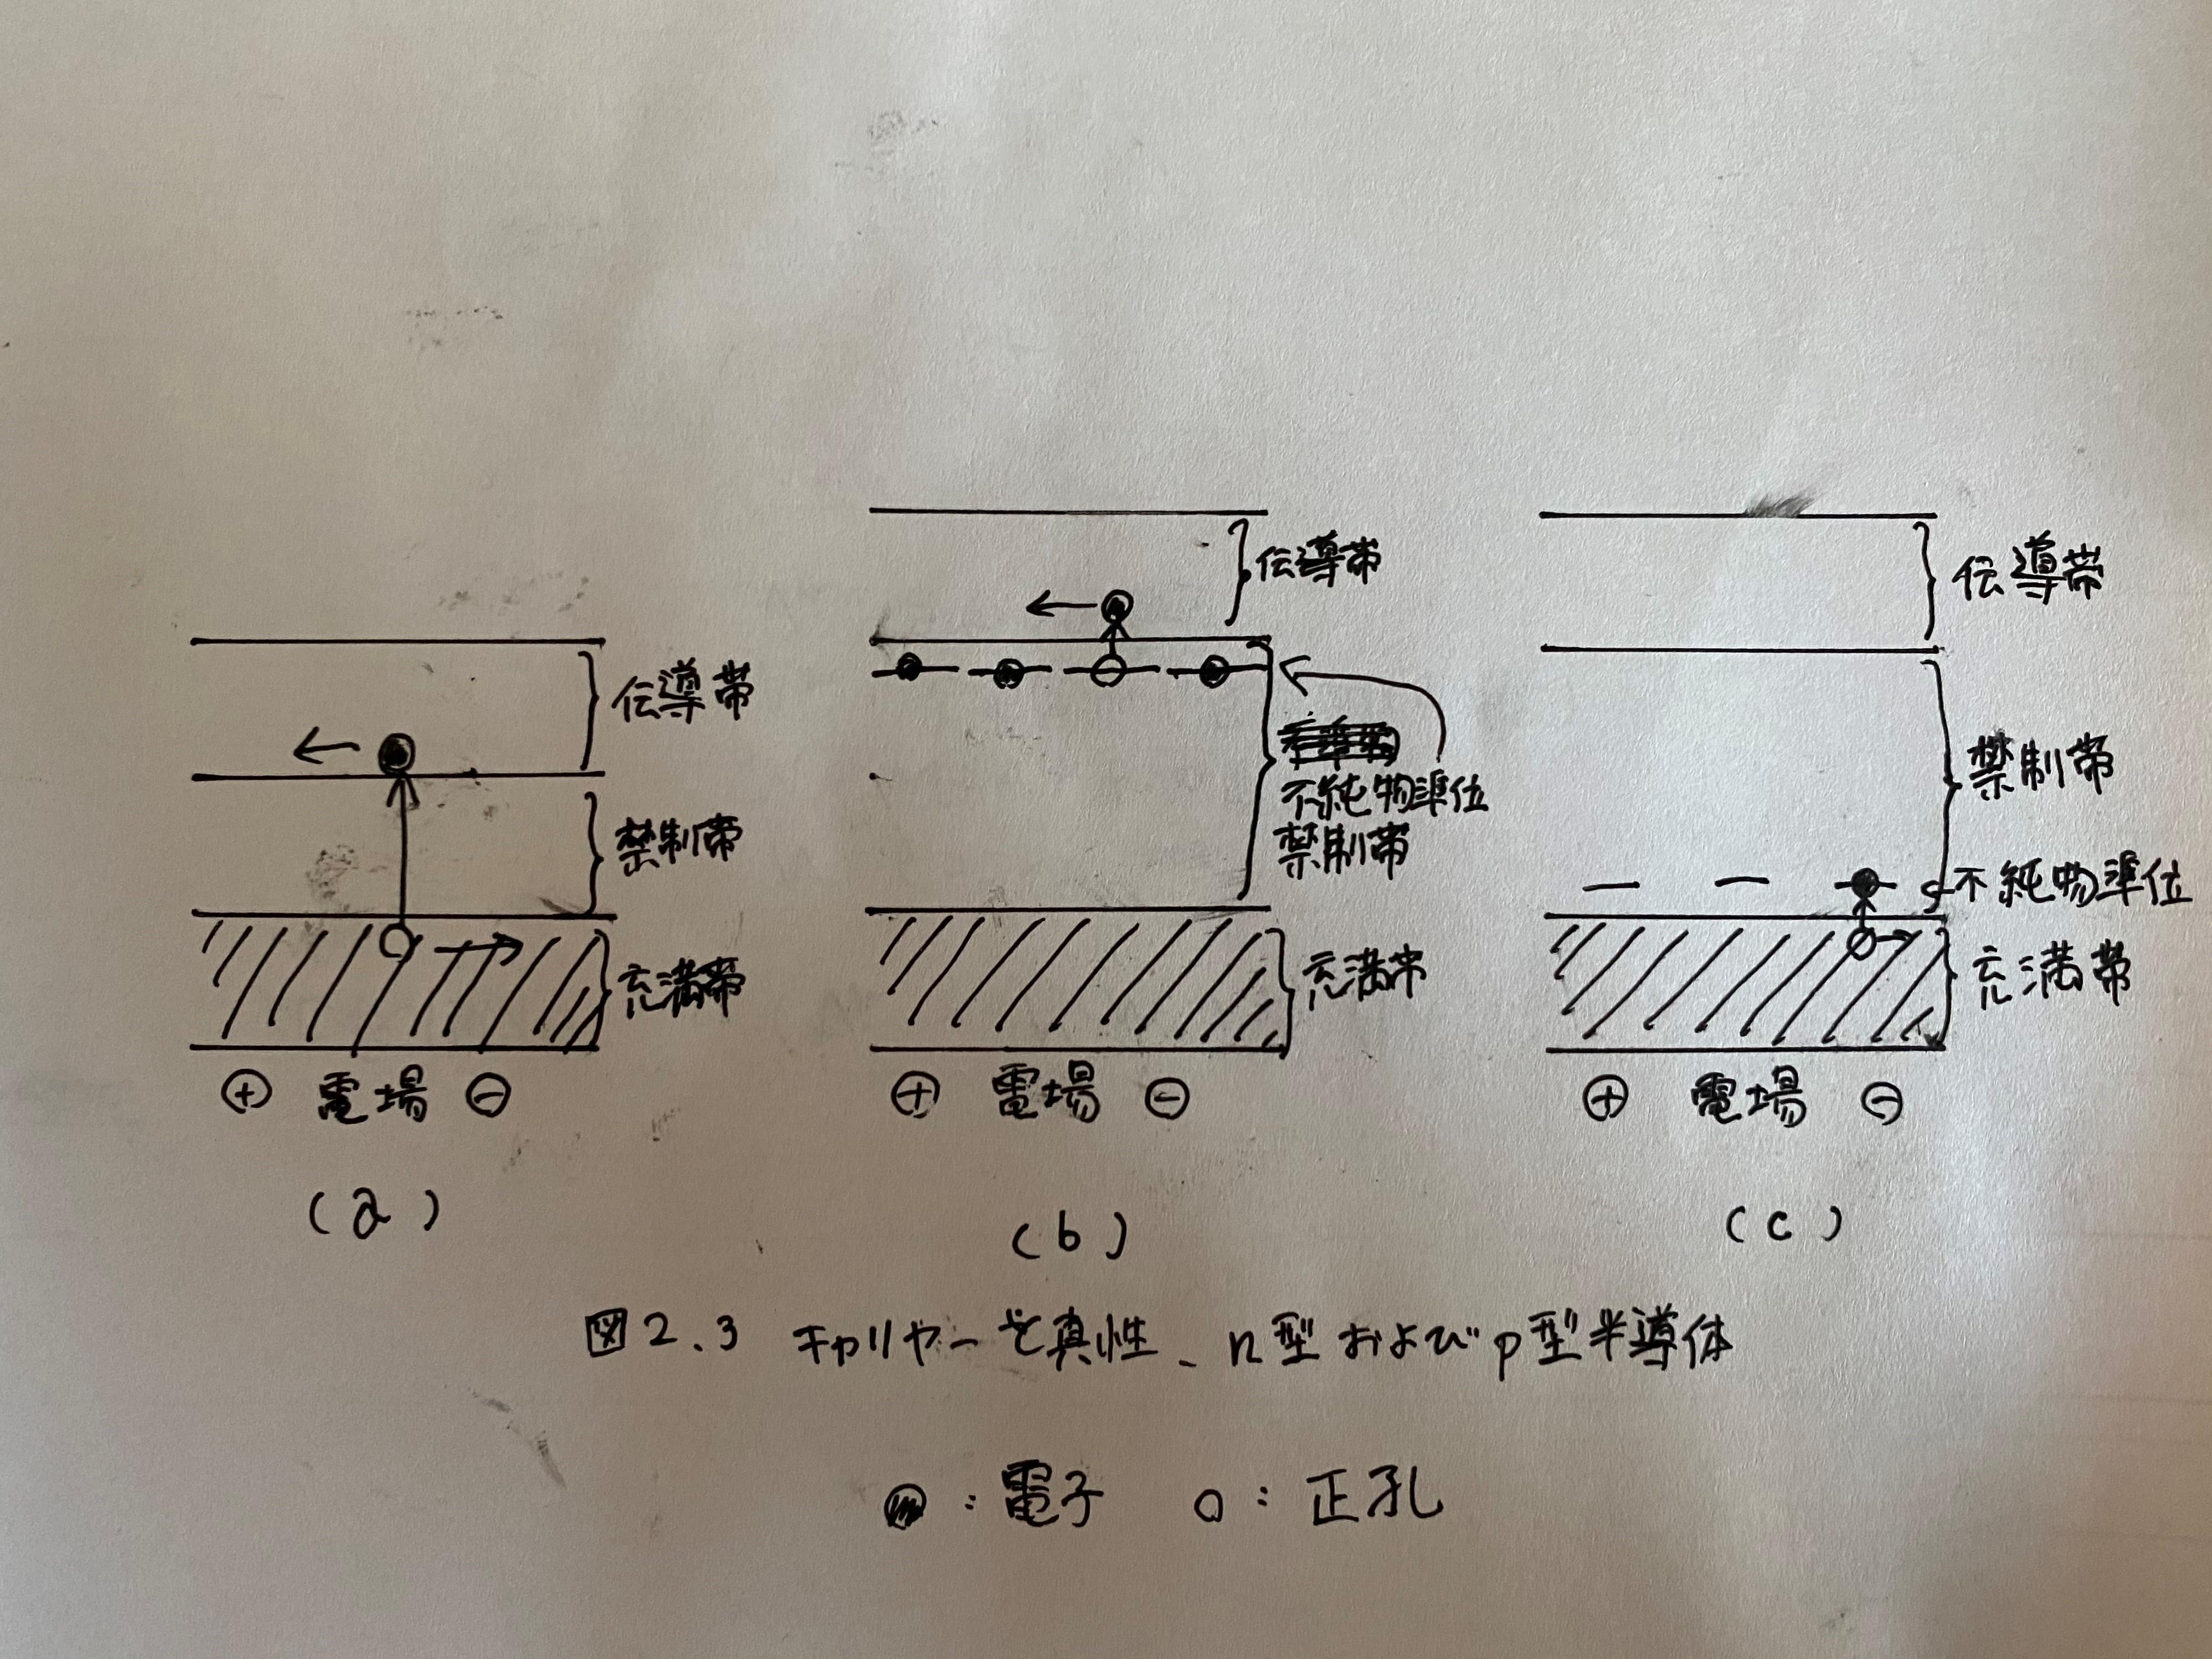 図2.3 キャリヤーと真性、n型及びp型半導体